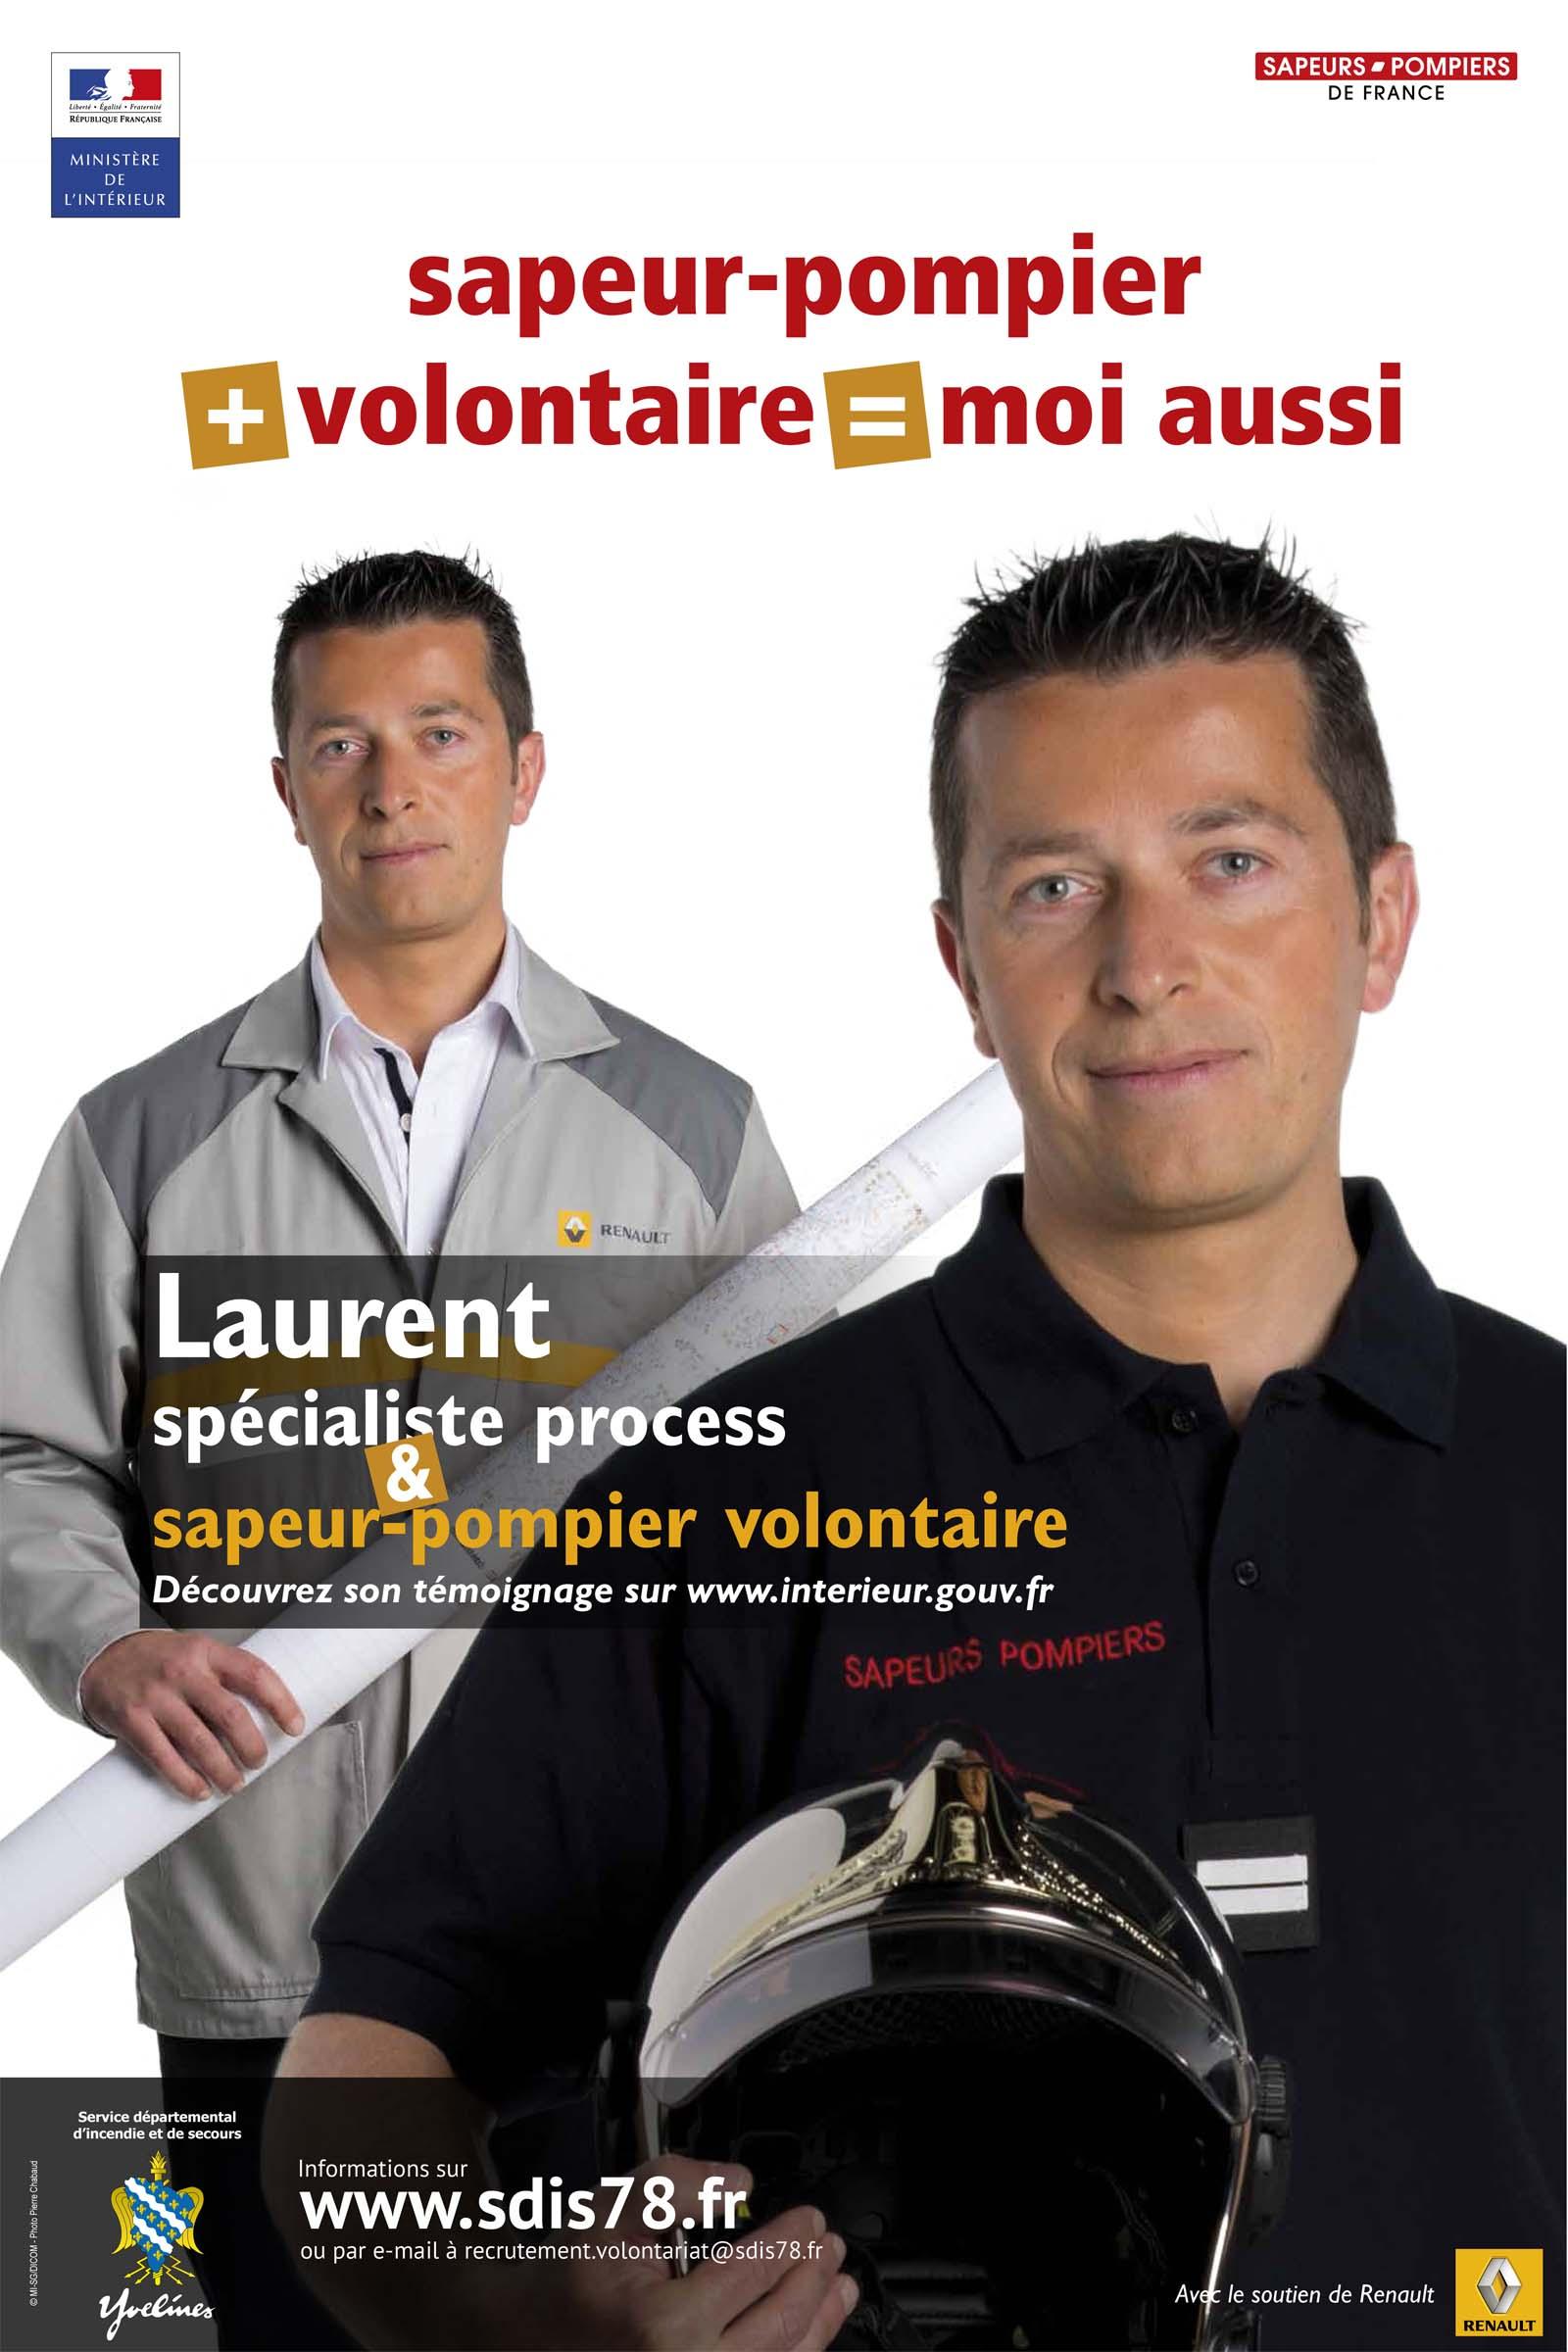 devenez sapeur-pompier volontaire